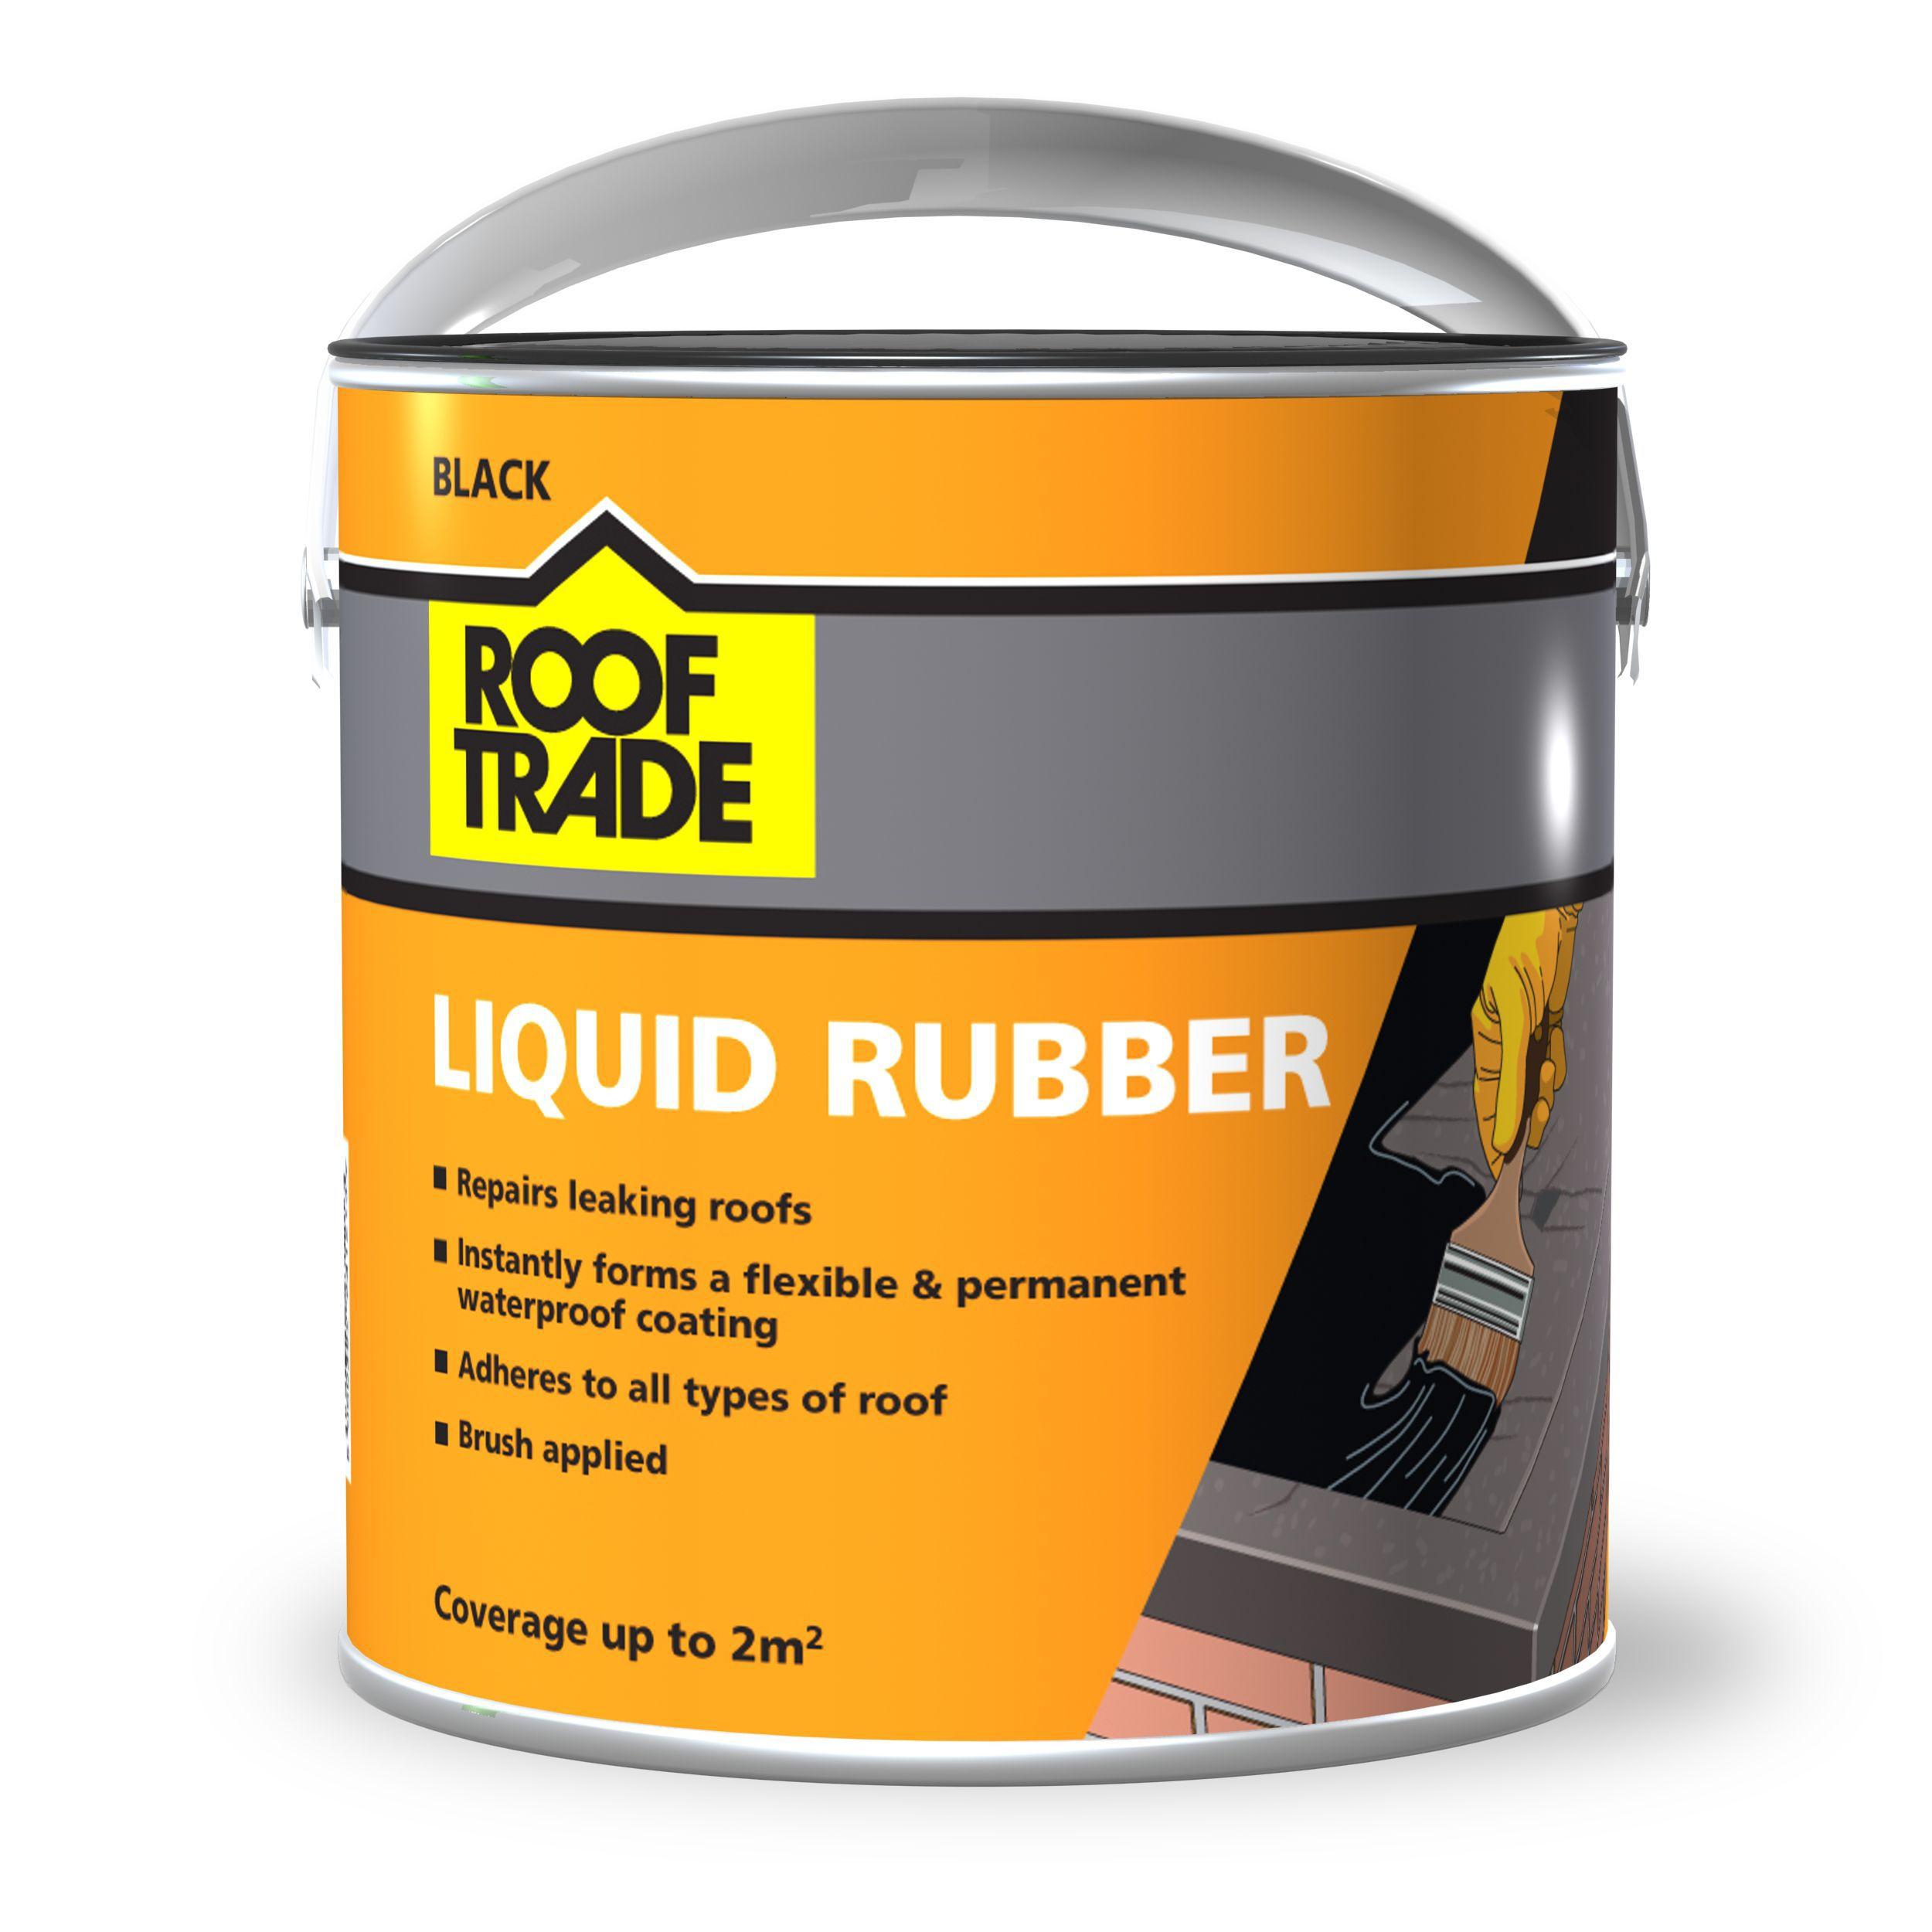 Rooftrade Black Liquid Rubber Roof Sealant 2l